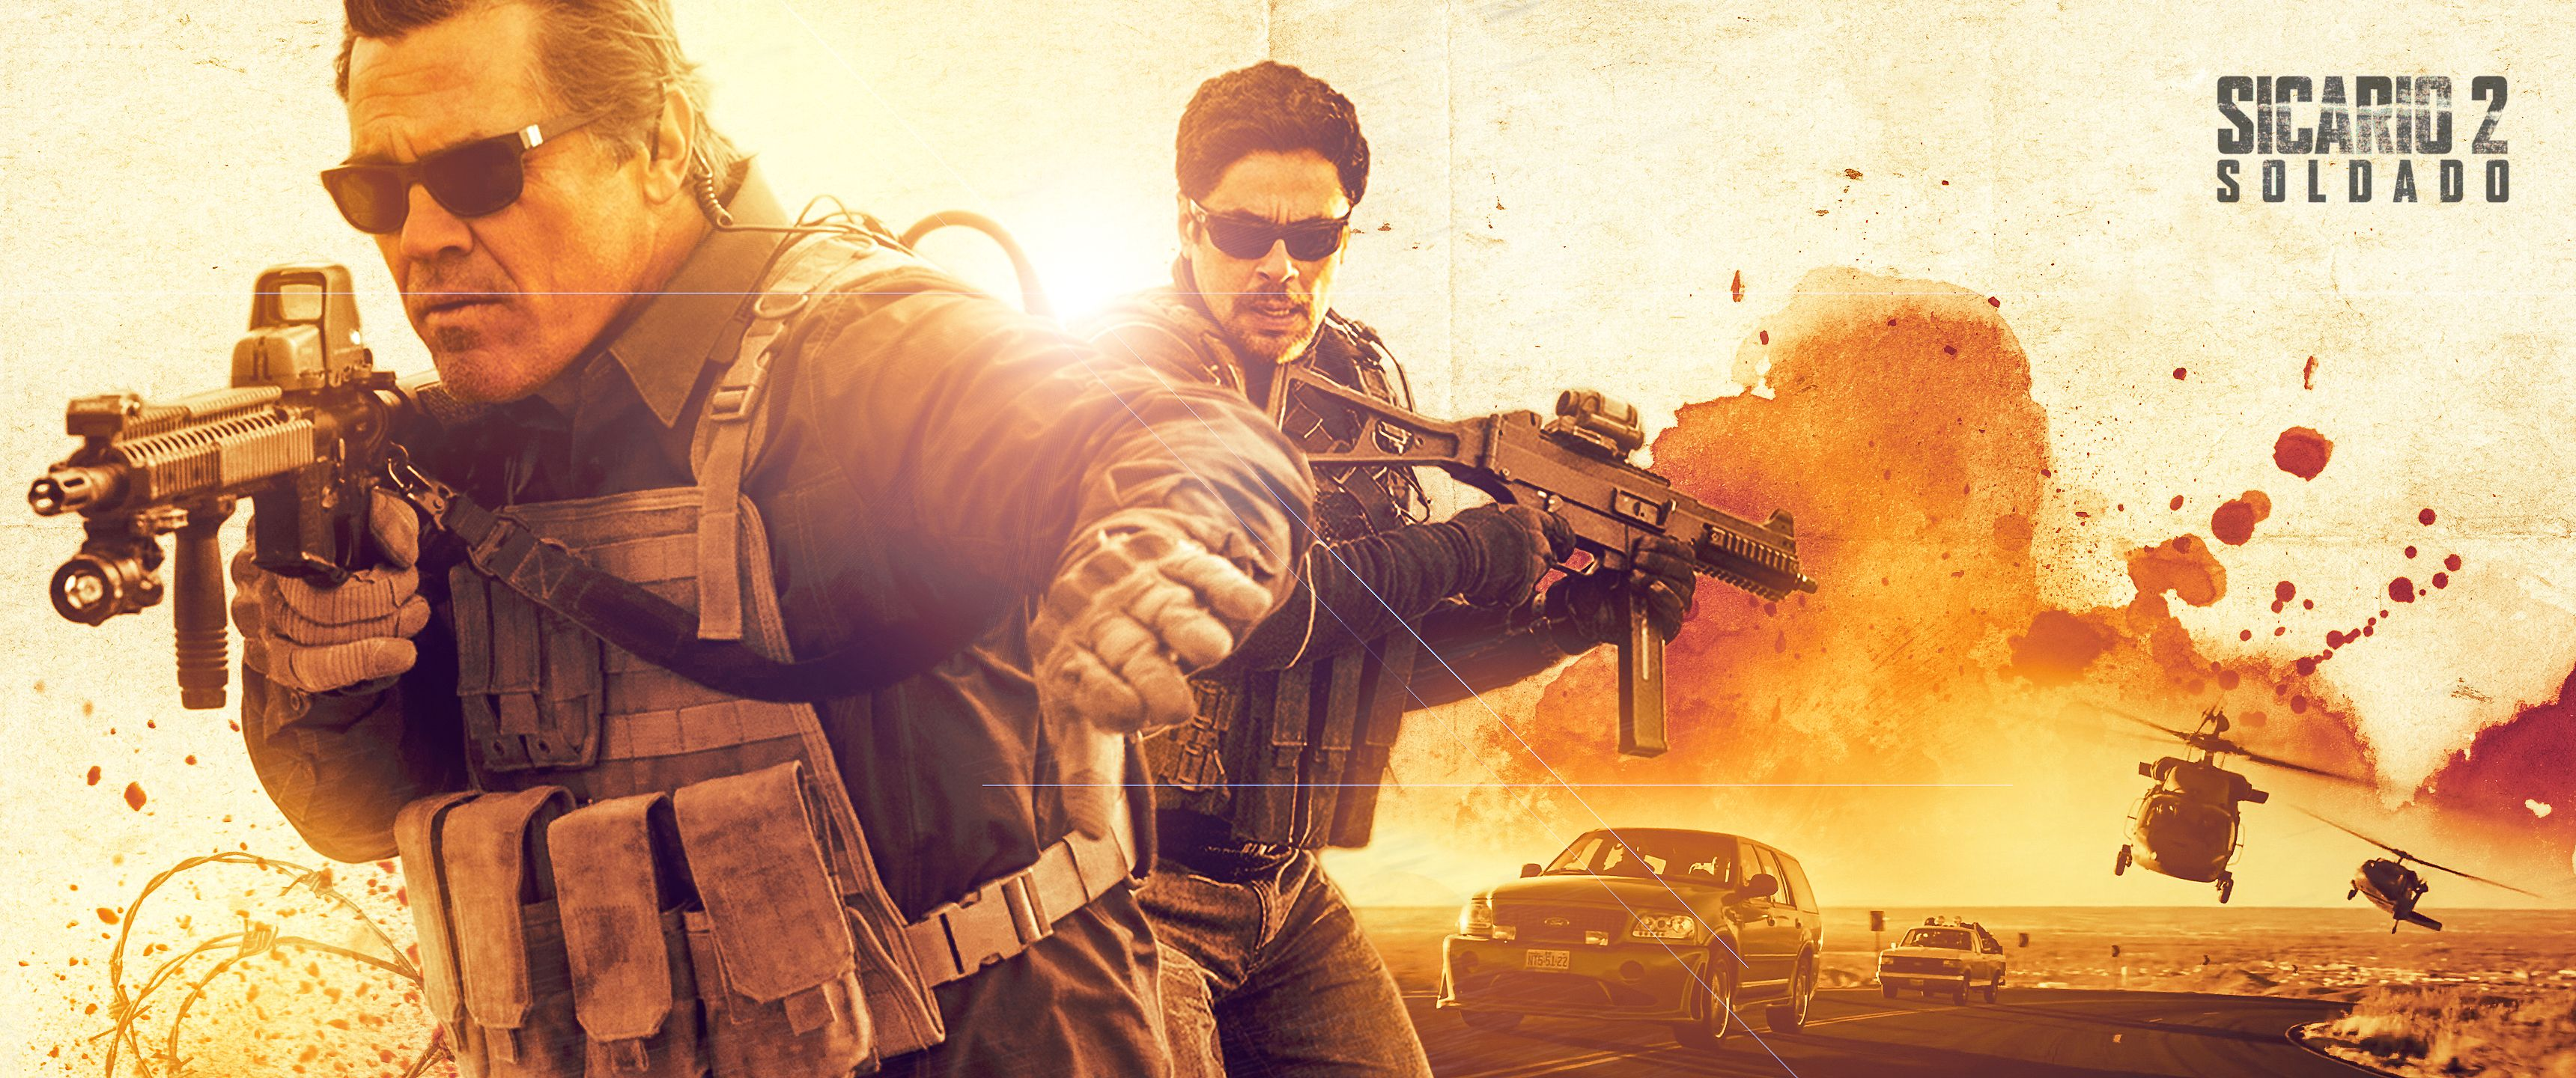 Sicario day of the soldado ultrawide wallpaper movie - Sicario wallpaper ...